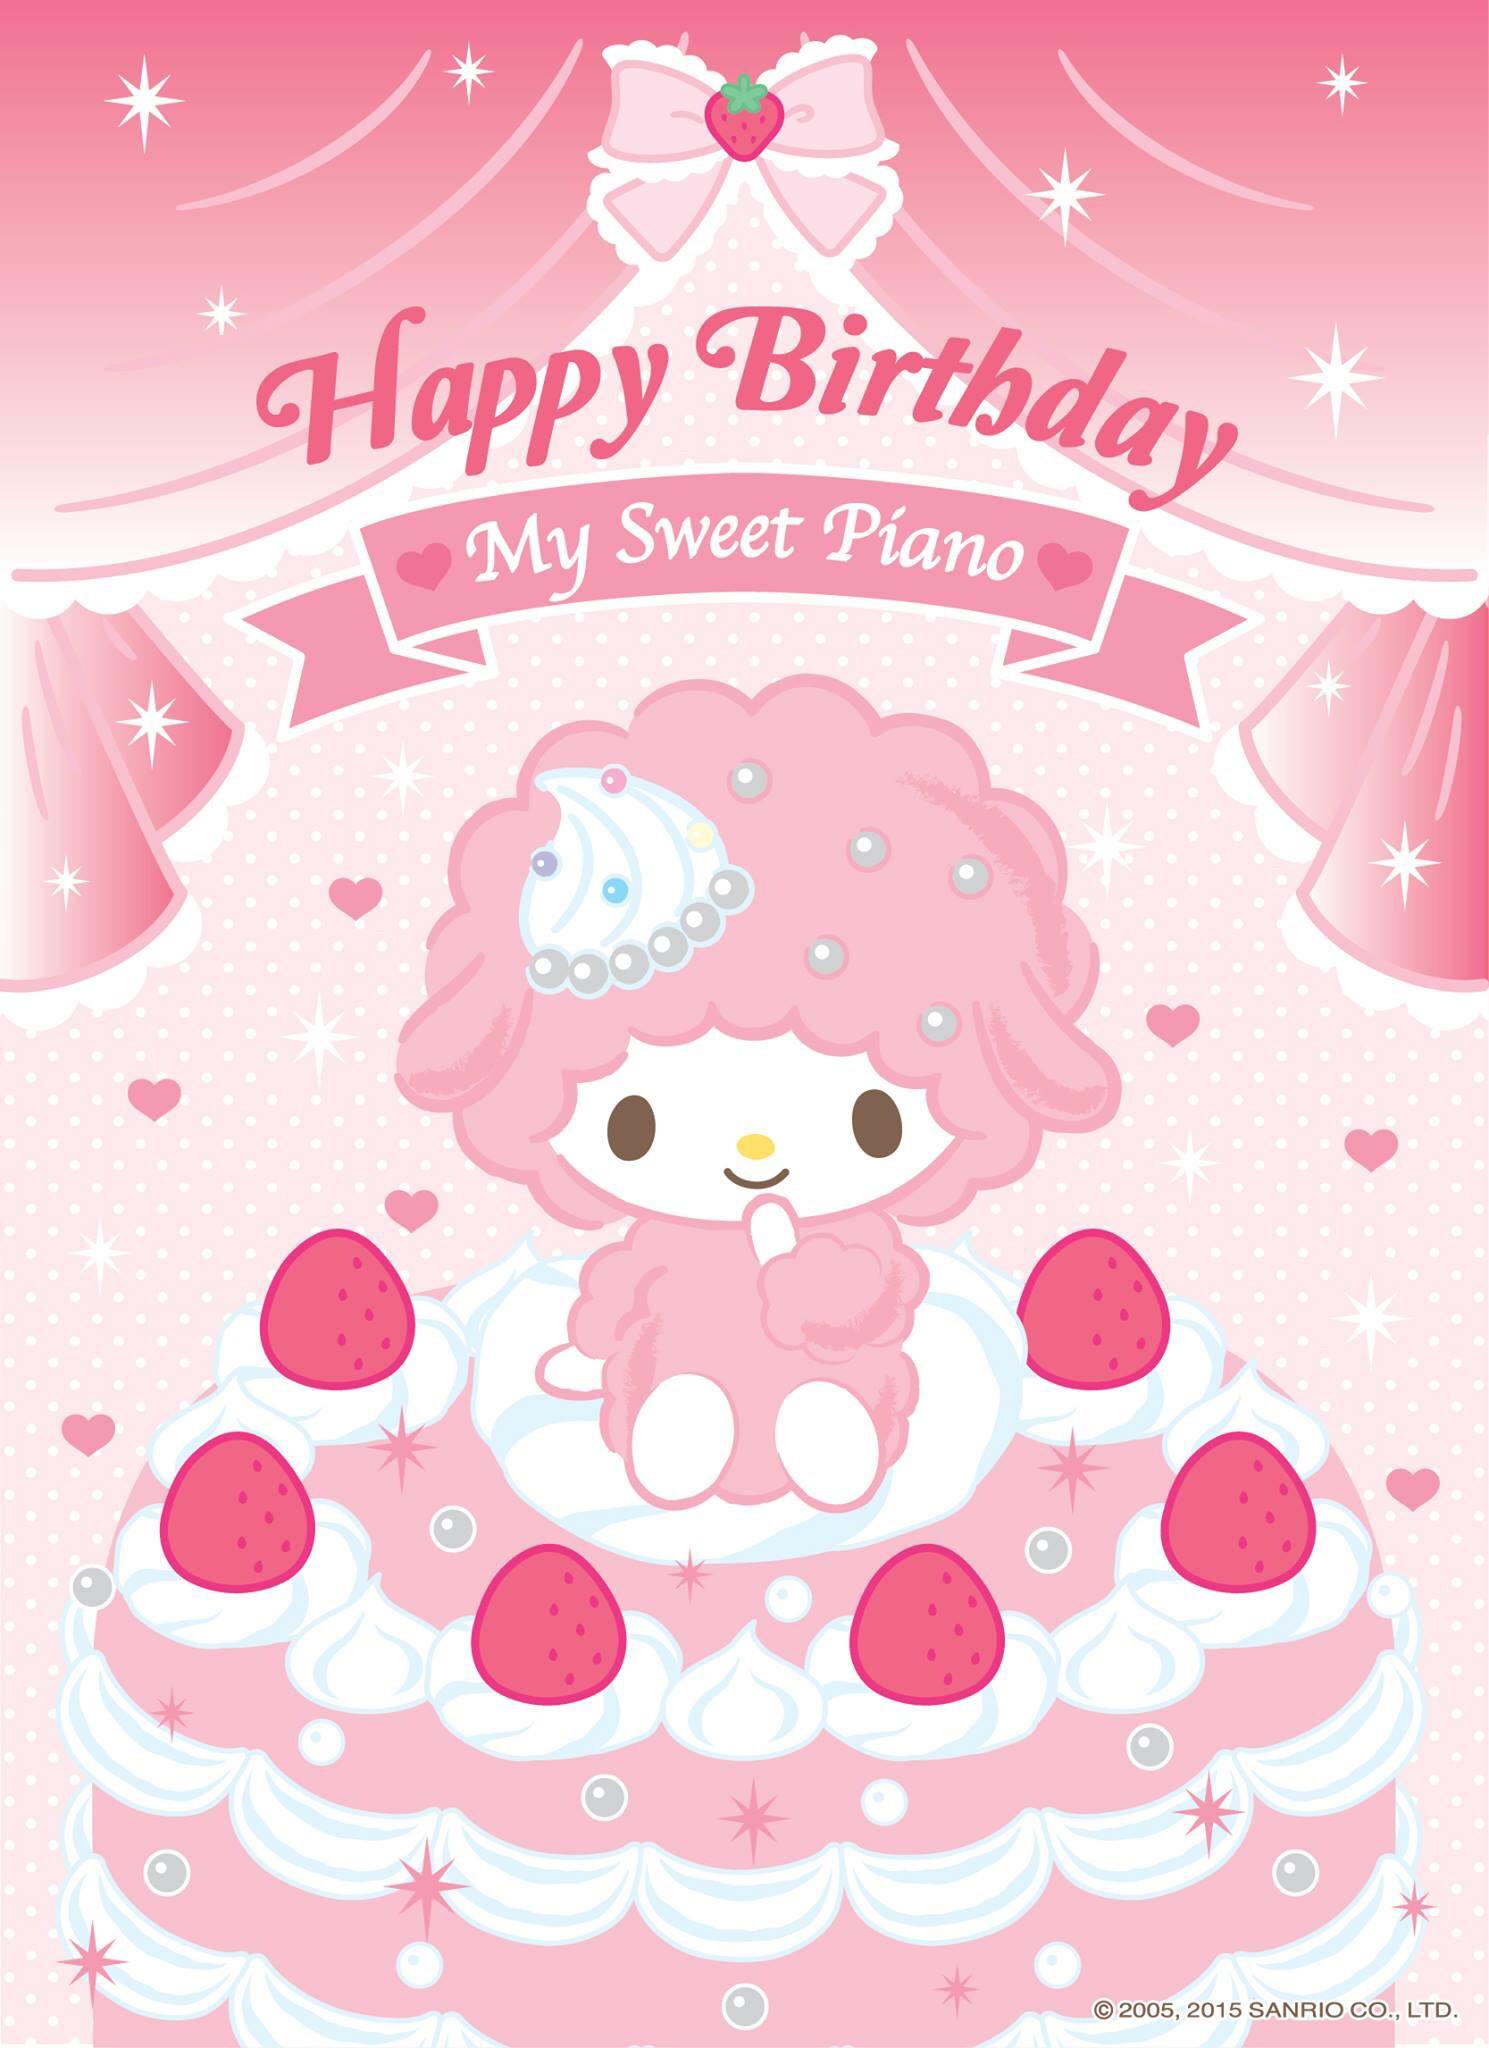 Happy Birthday, My Sweet Piano  (ï¿£3ï¿£) . My MelodySanrioIphone WallpaperHappy  …